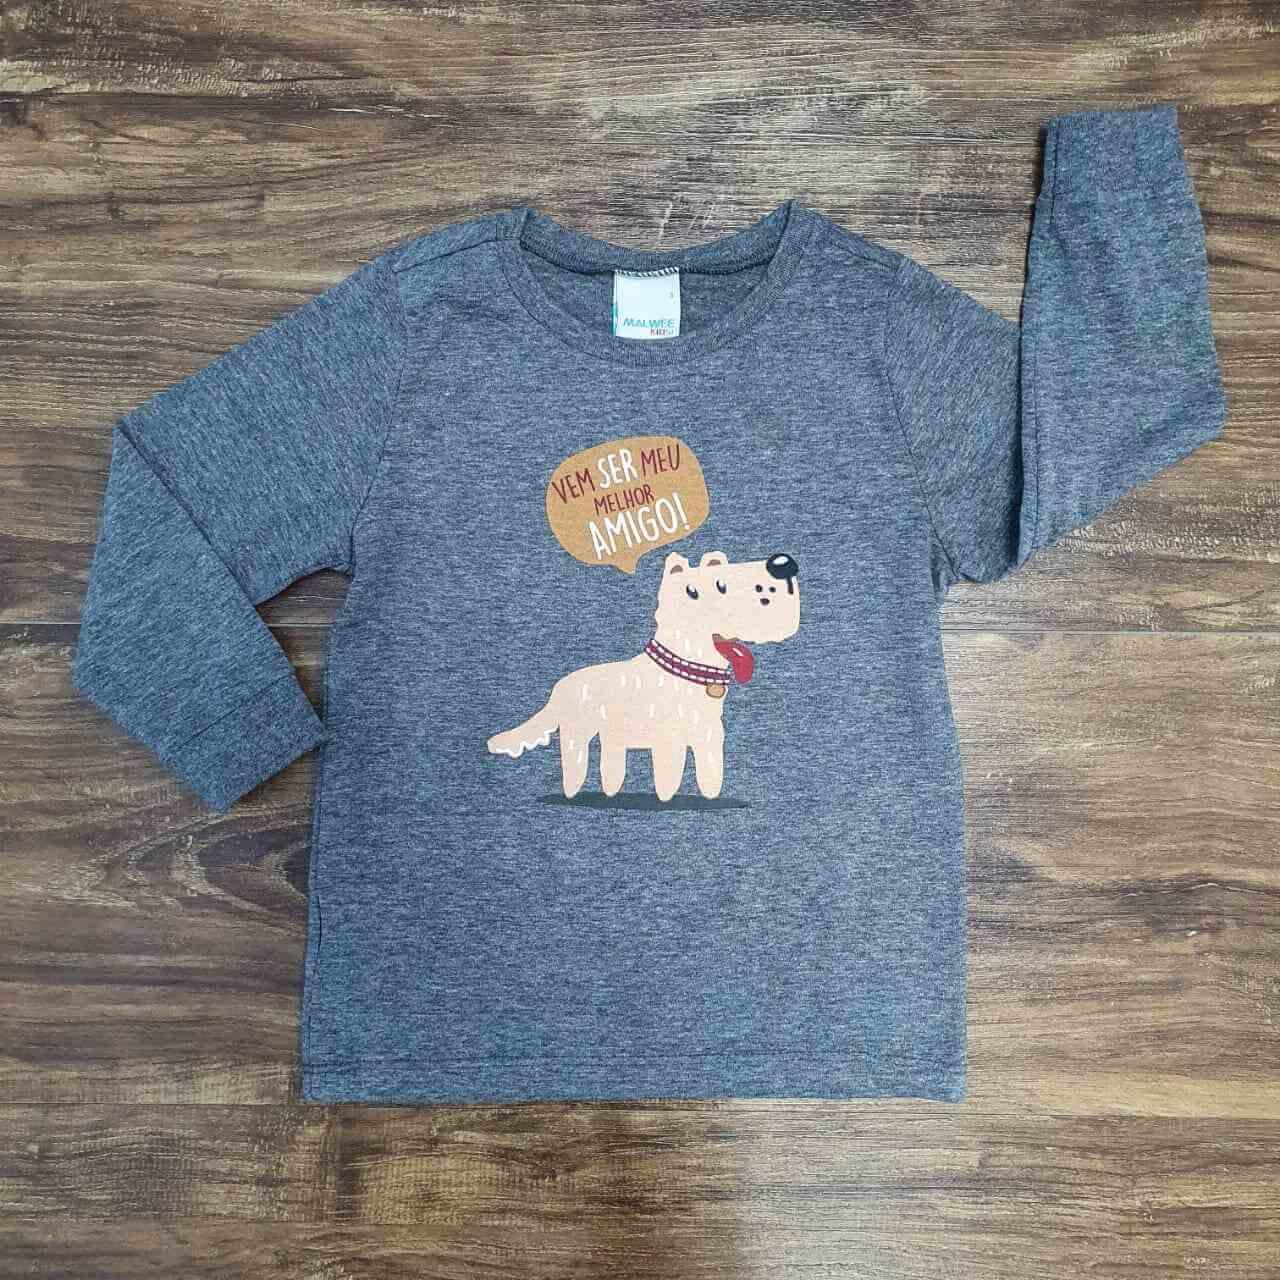 Camiseta Melhor Amigo Infantil